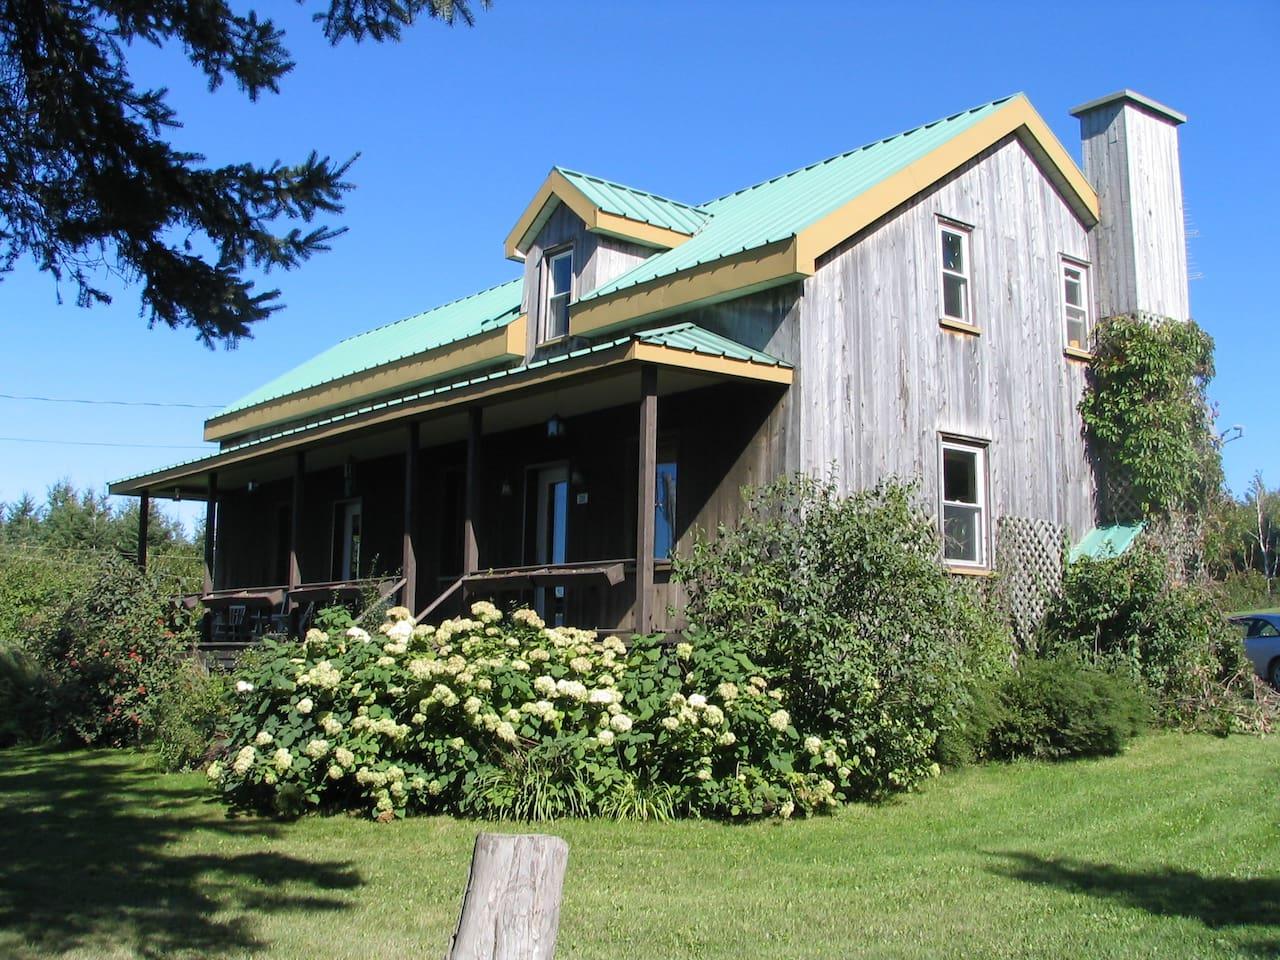 Maison de 1889